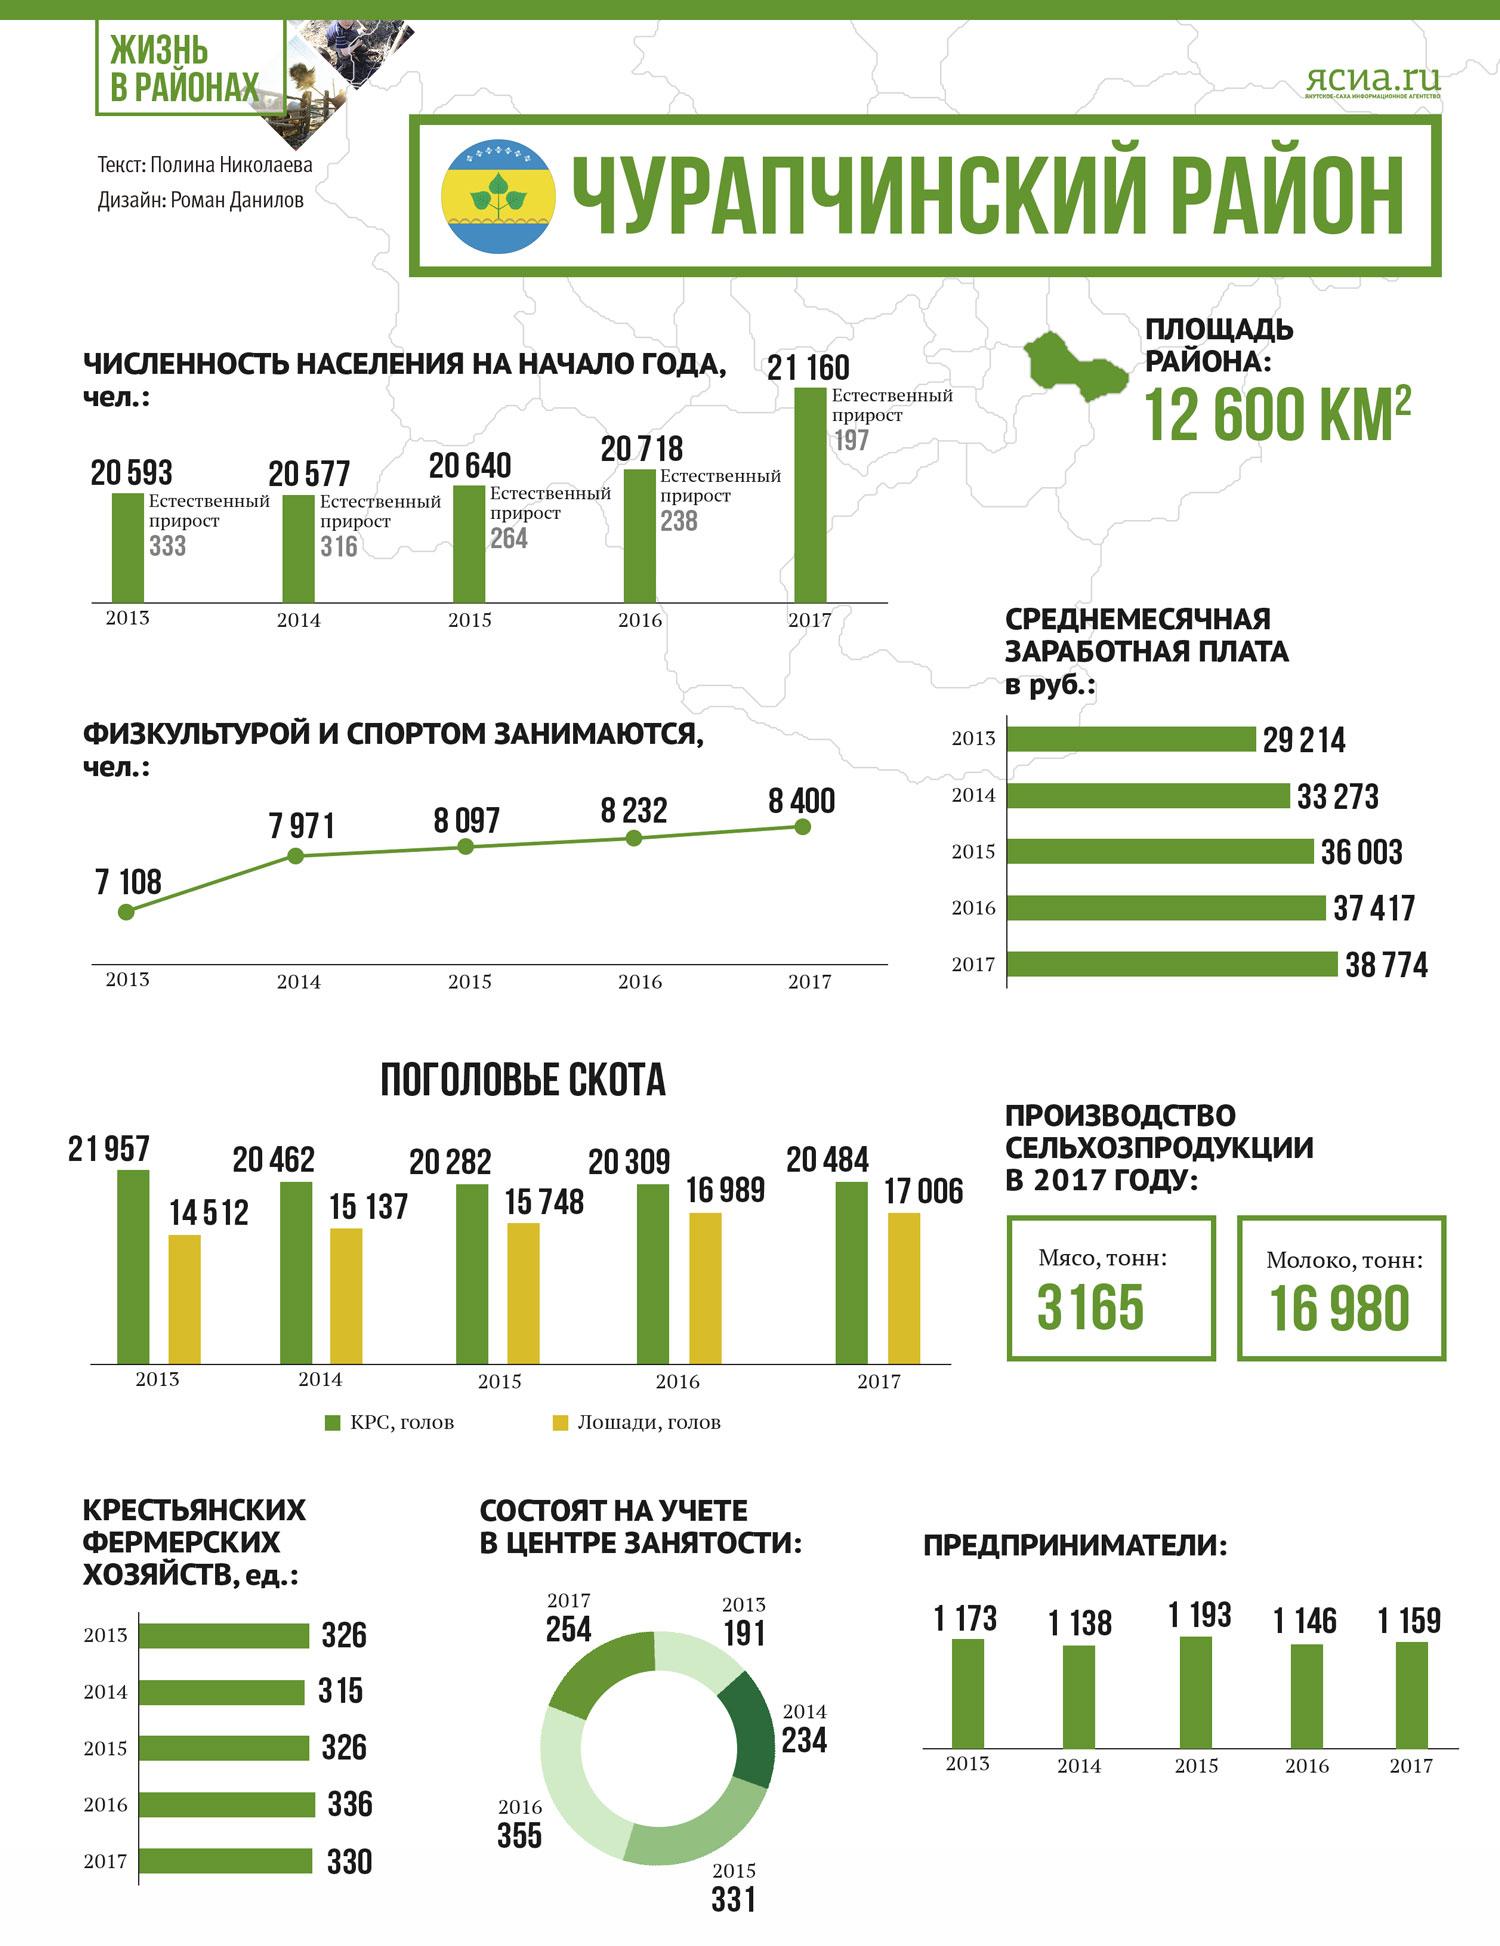 """""""Жизнь в районах"""": Инфографика Чурапчинского улуса"""